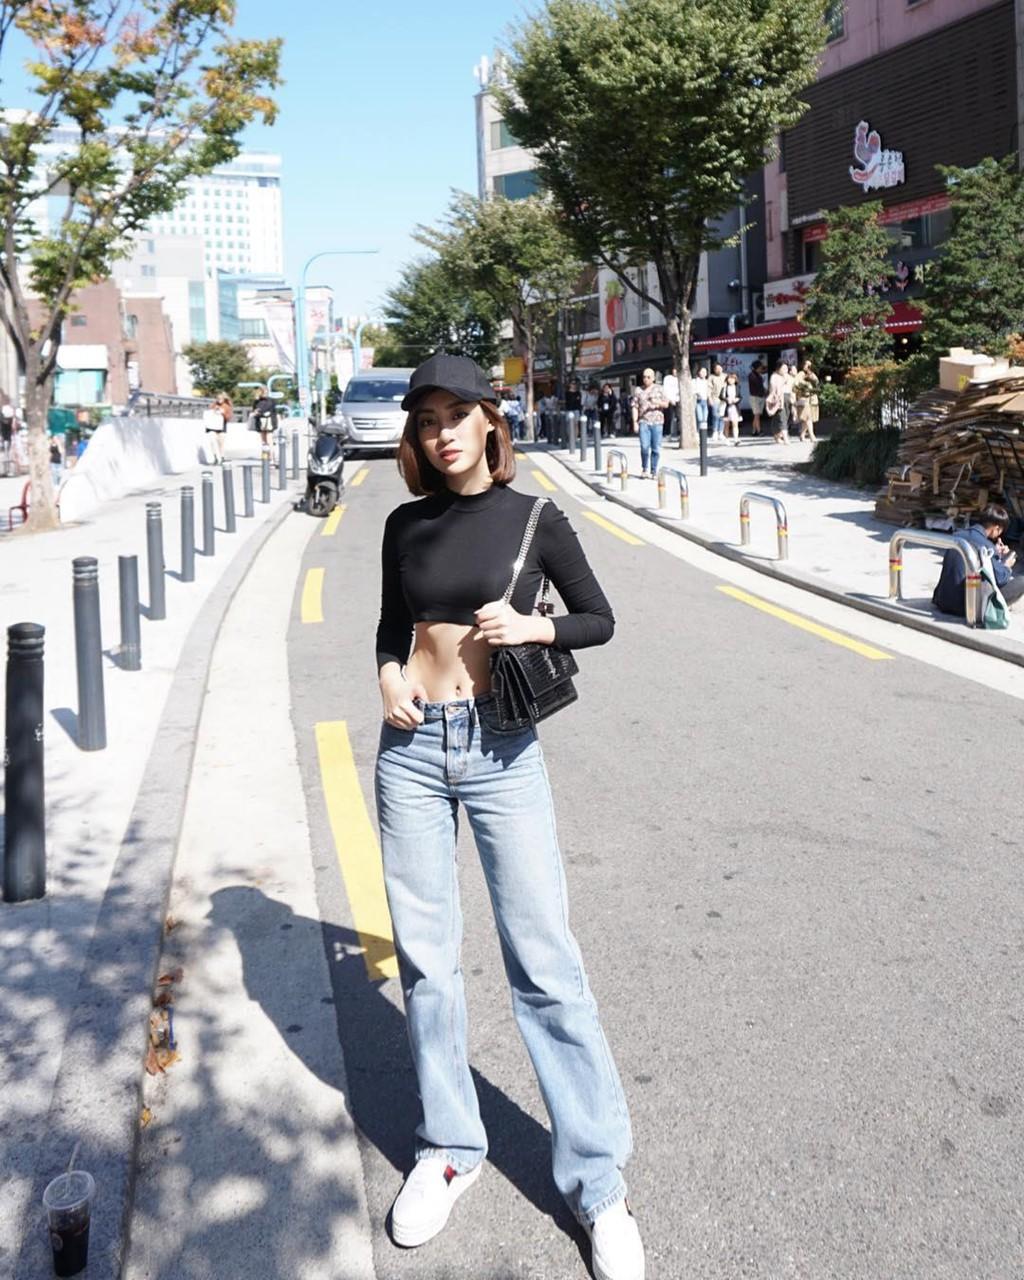 3 năm sau đăng quang, từ Hoa hậu giản dị nhất, Đỗ Mỹ Linh đang từng bước chuyển mình thành yêu nữ hàng hiệu-8